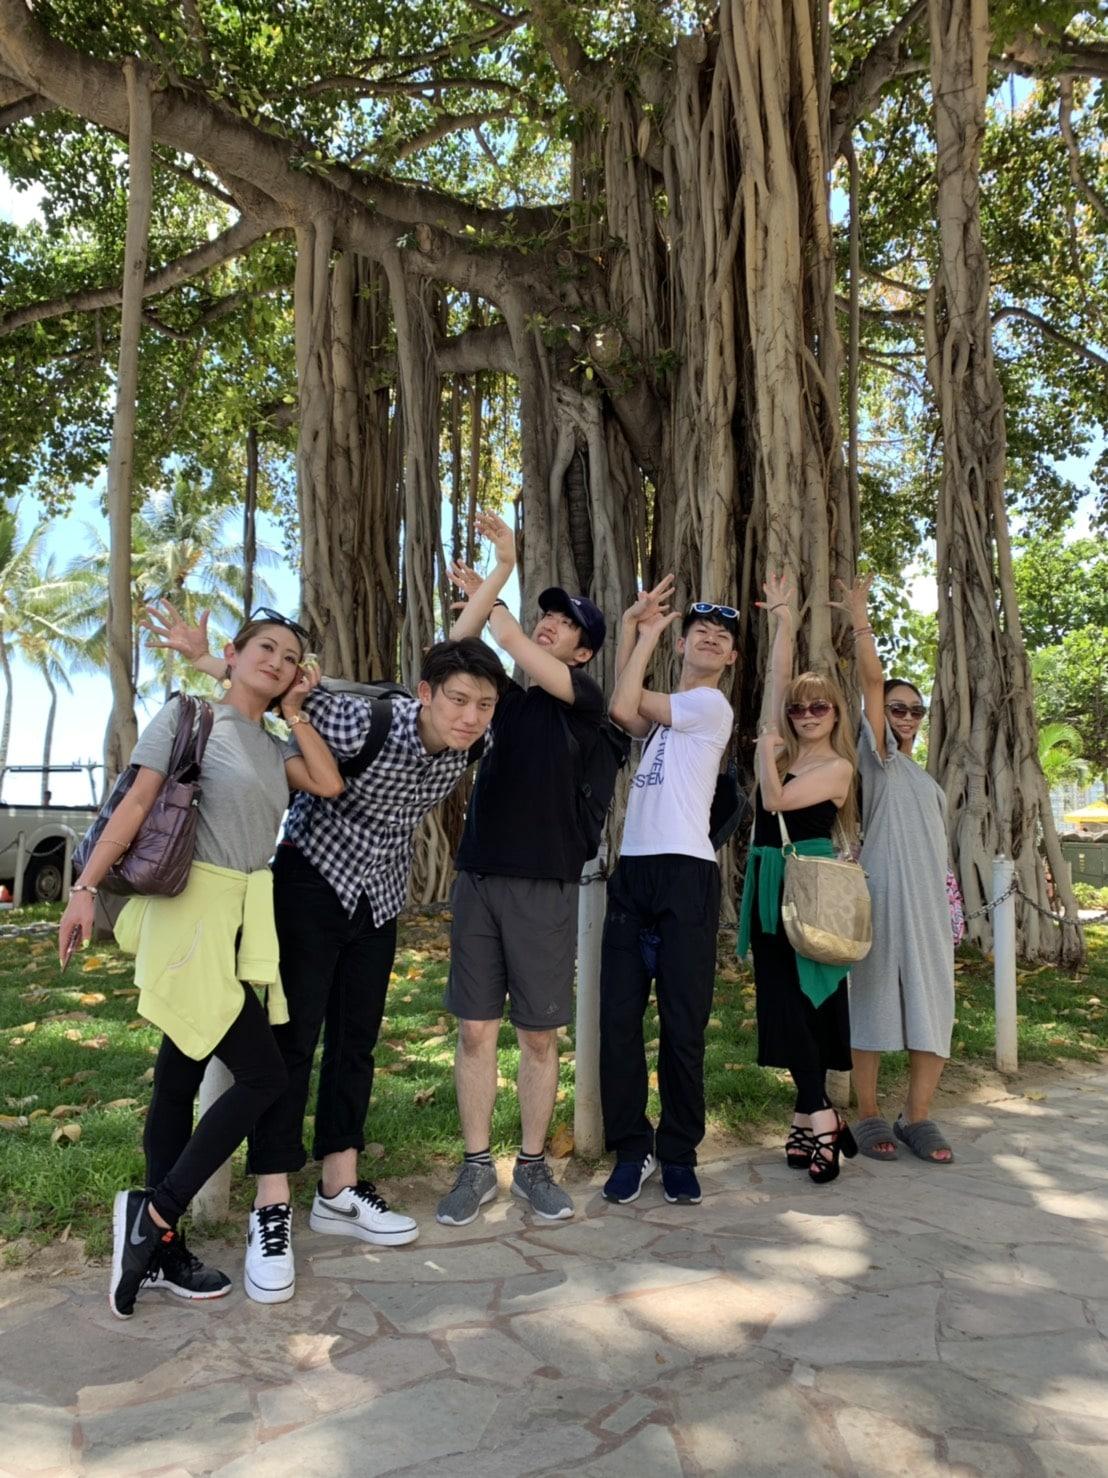 社交ダンス|春日部|AKIダンスアカデミー|社員研修旅行|ハワイ